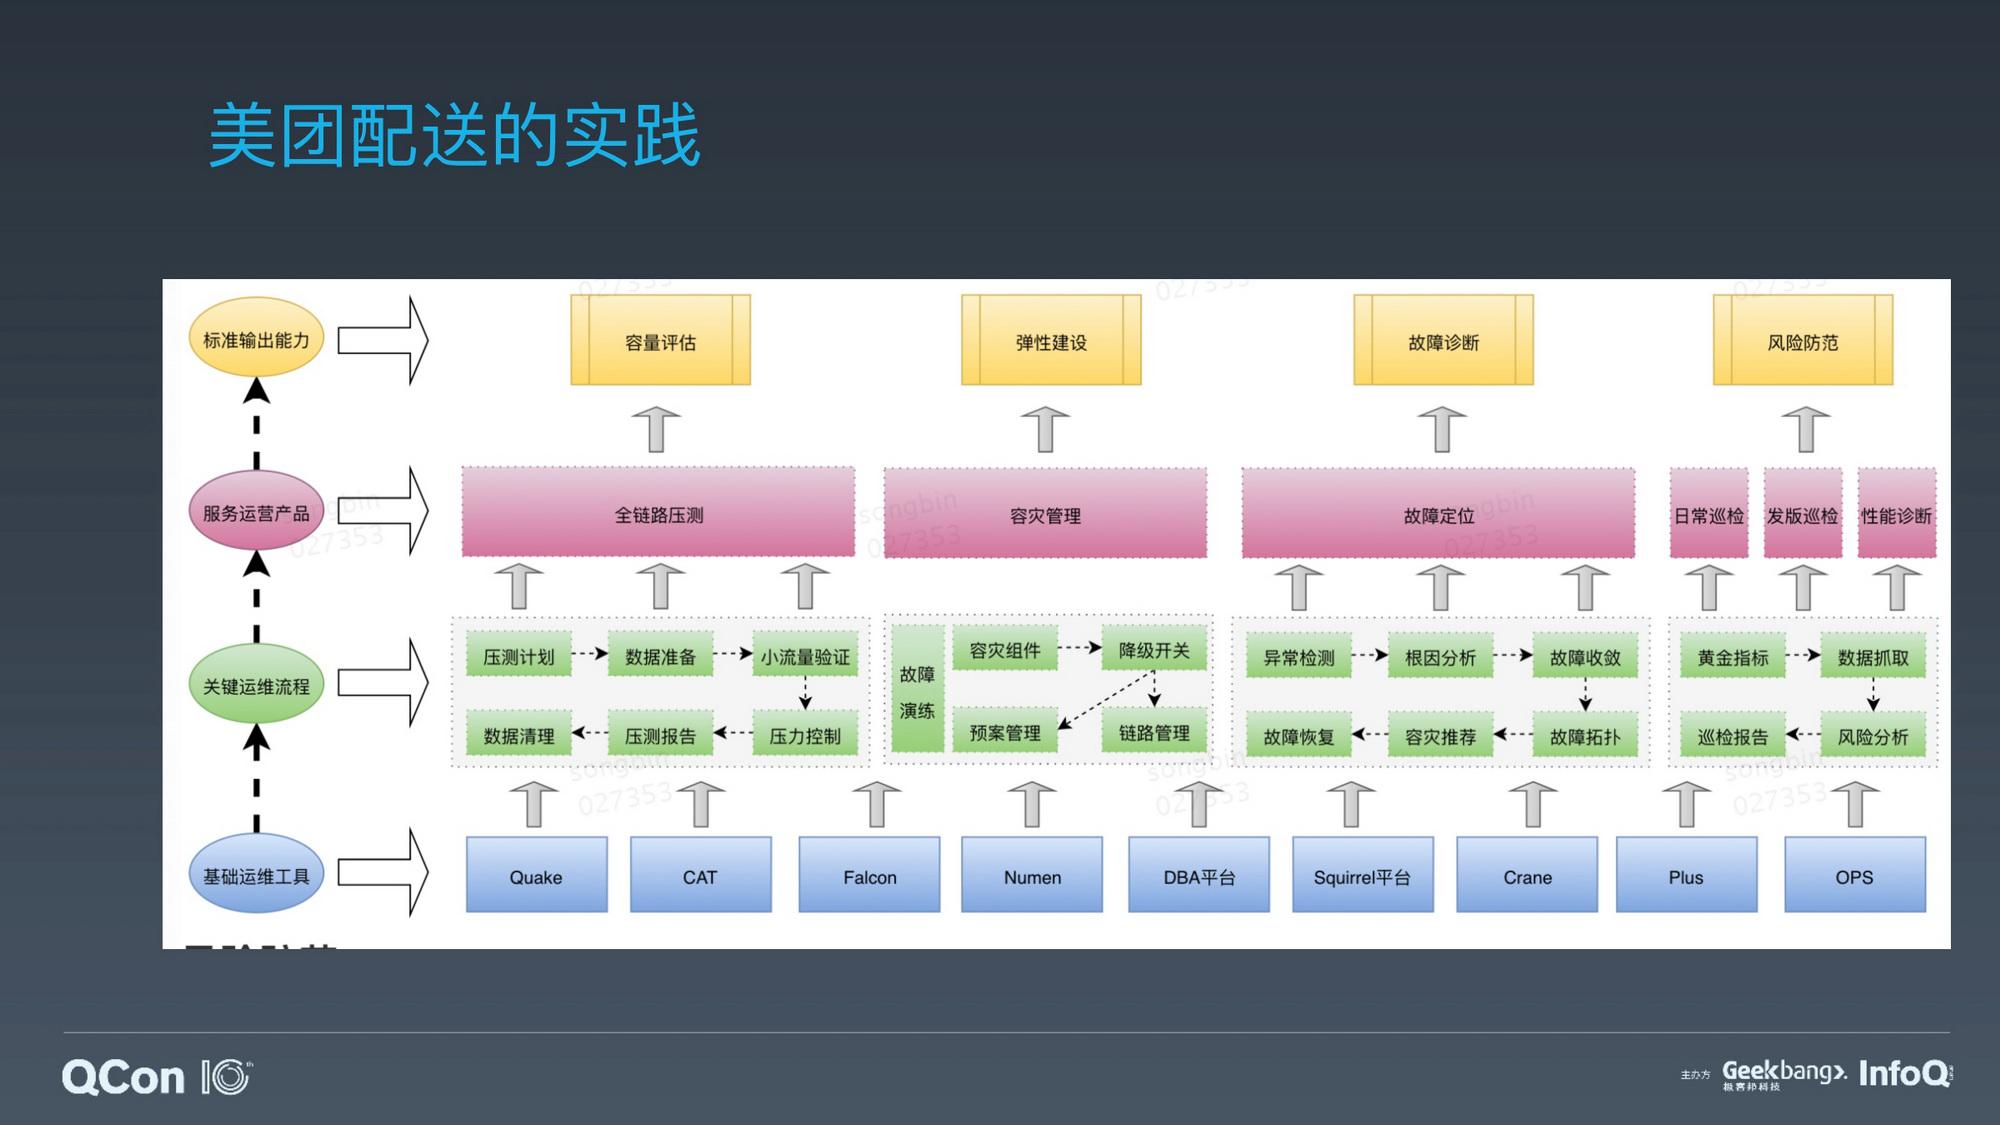 美团一站式业务稳定性保障平台的 AIOps 实践